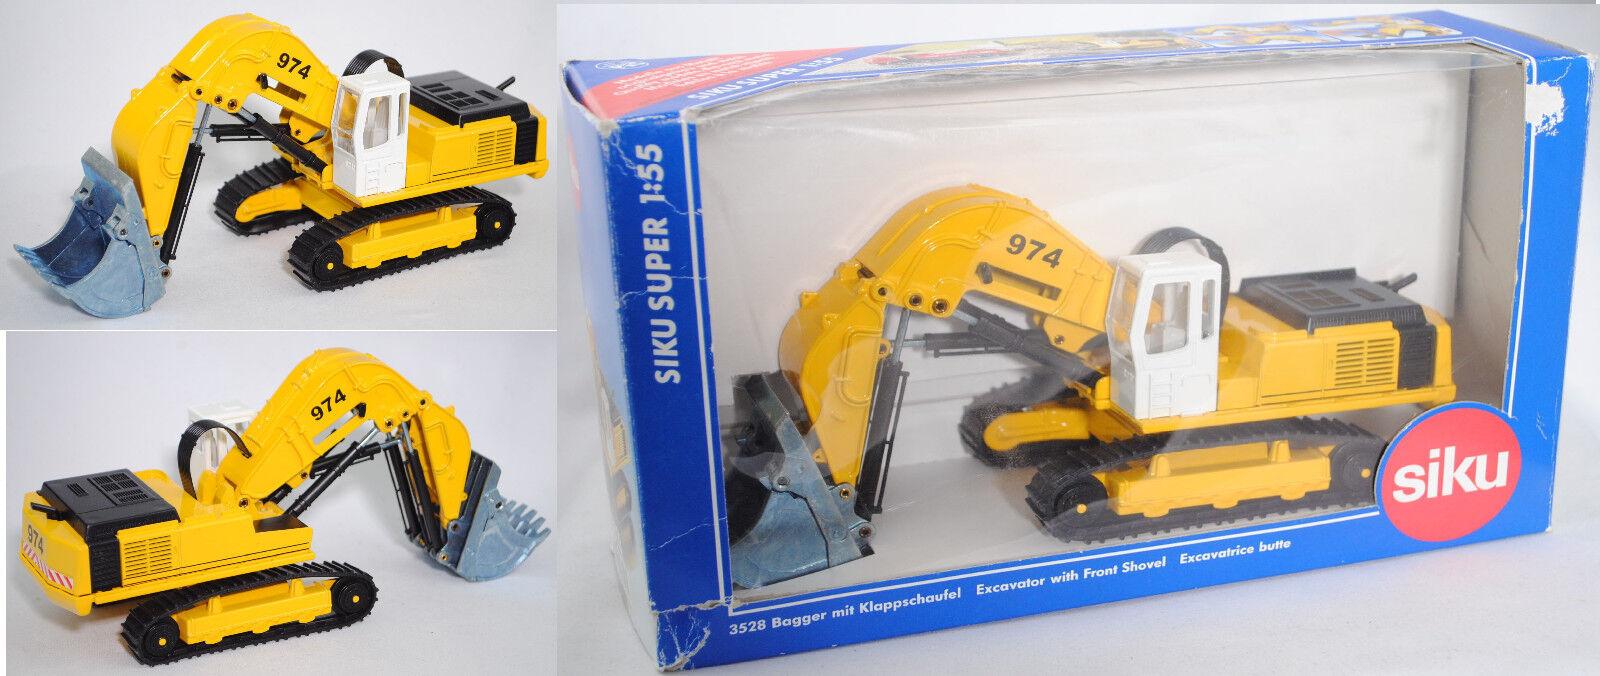 Siku Super 3528 99900 UE Liebherr raupenbagger R 974 B con PLEGABLE Pala 1 55